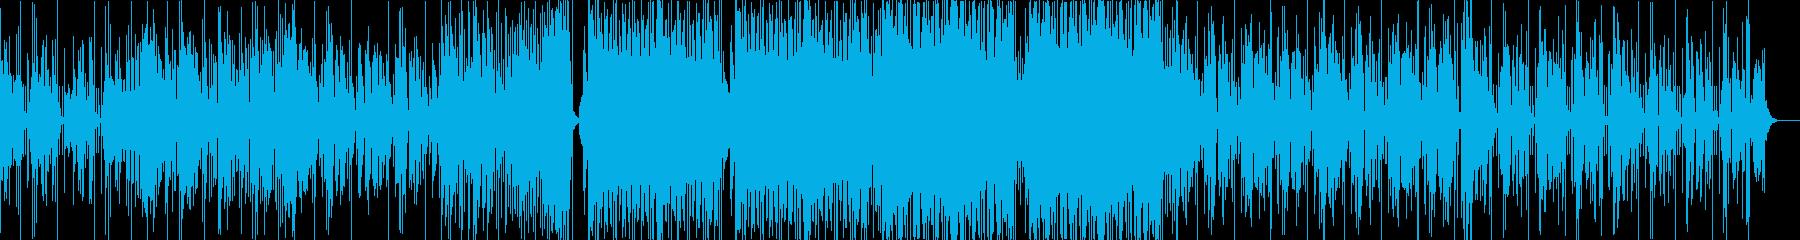 低音が響くJuke、シカゴフットワークの再生済みの波形